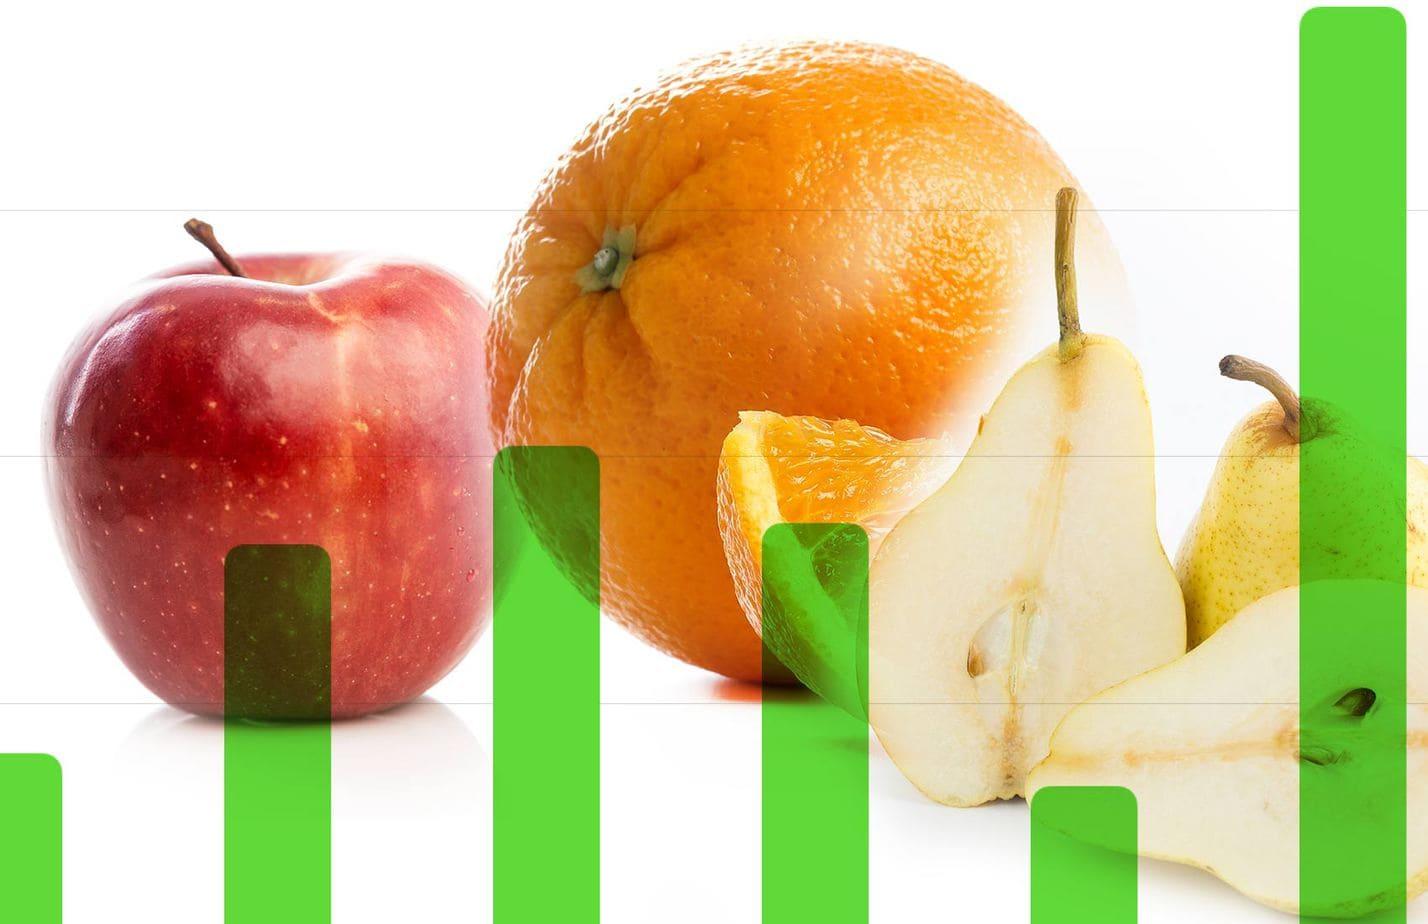 Oranges Apples Pears Environmental Footprint